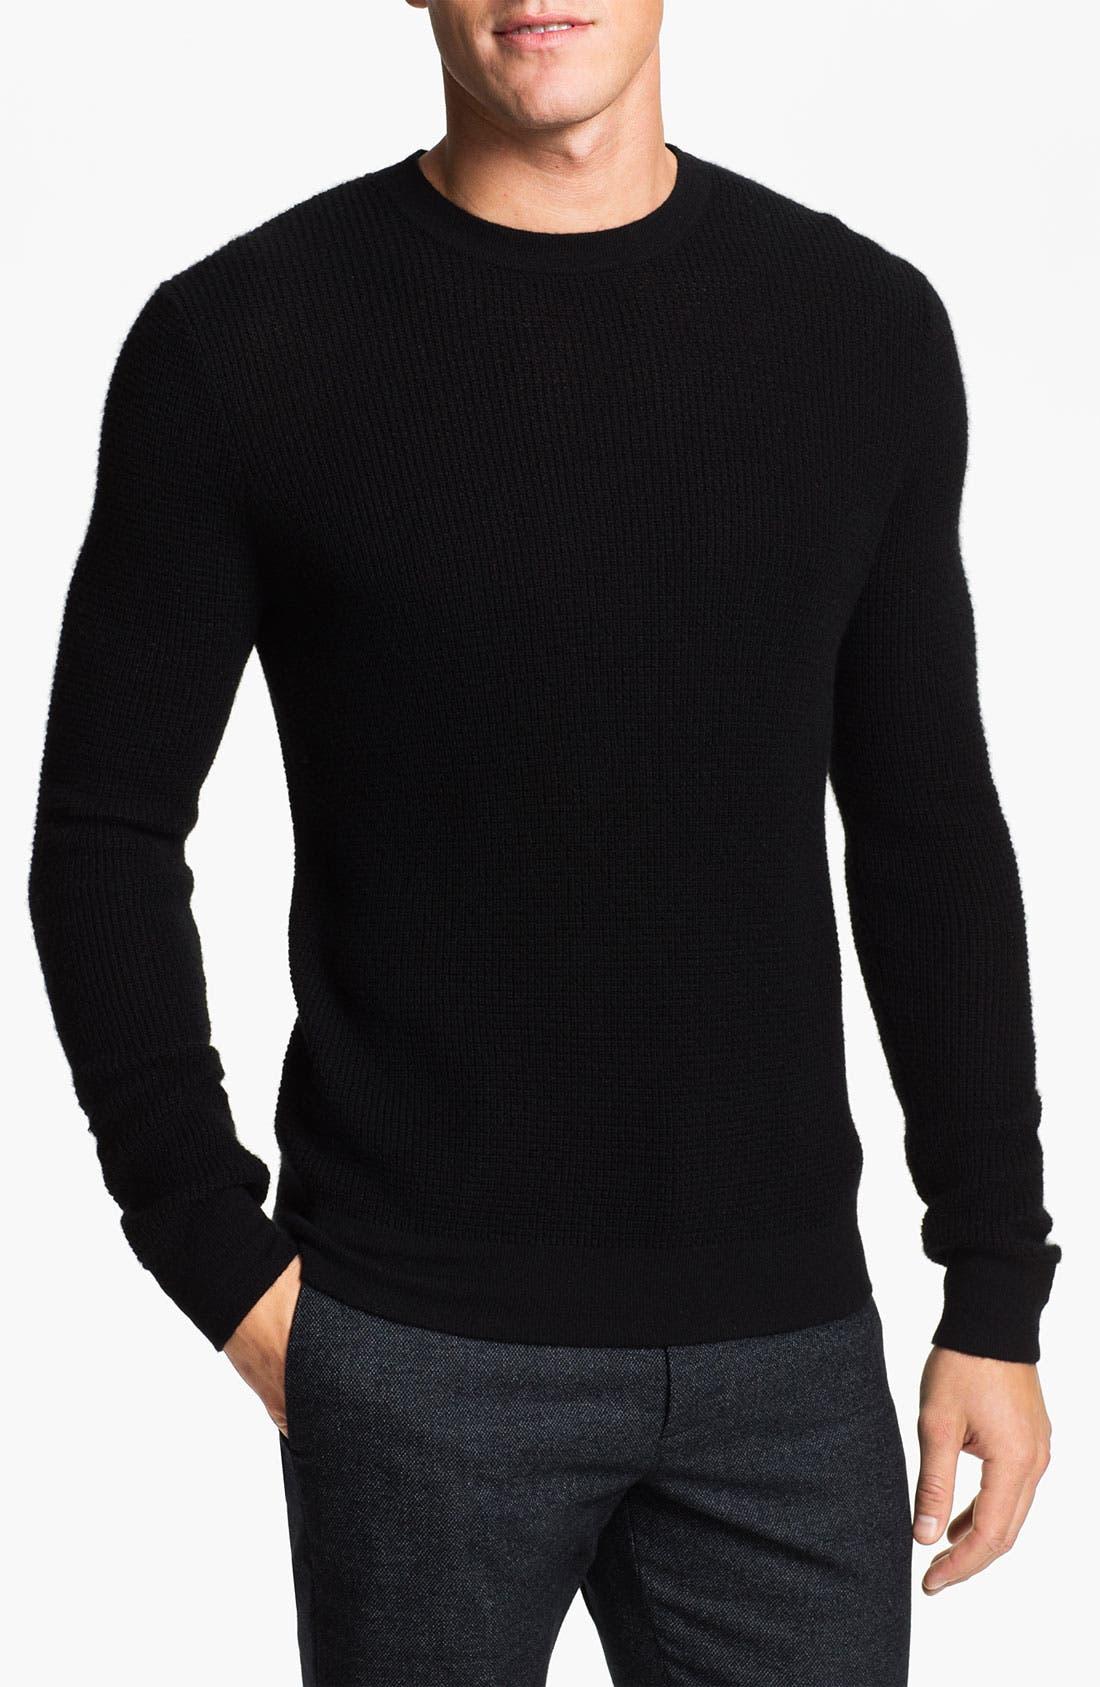 Main Image - Theory Waffle Knit Cashmere Crewneck Sweater